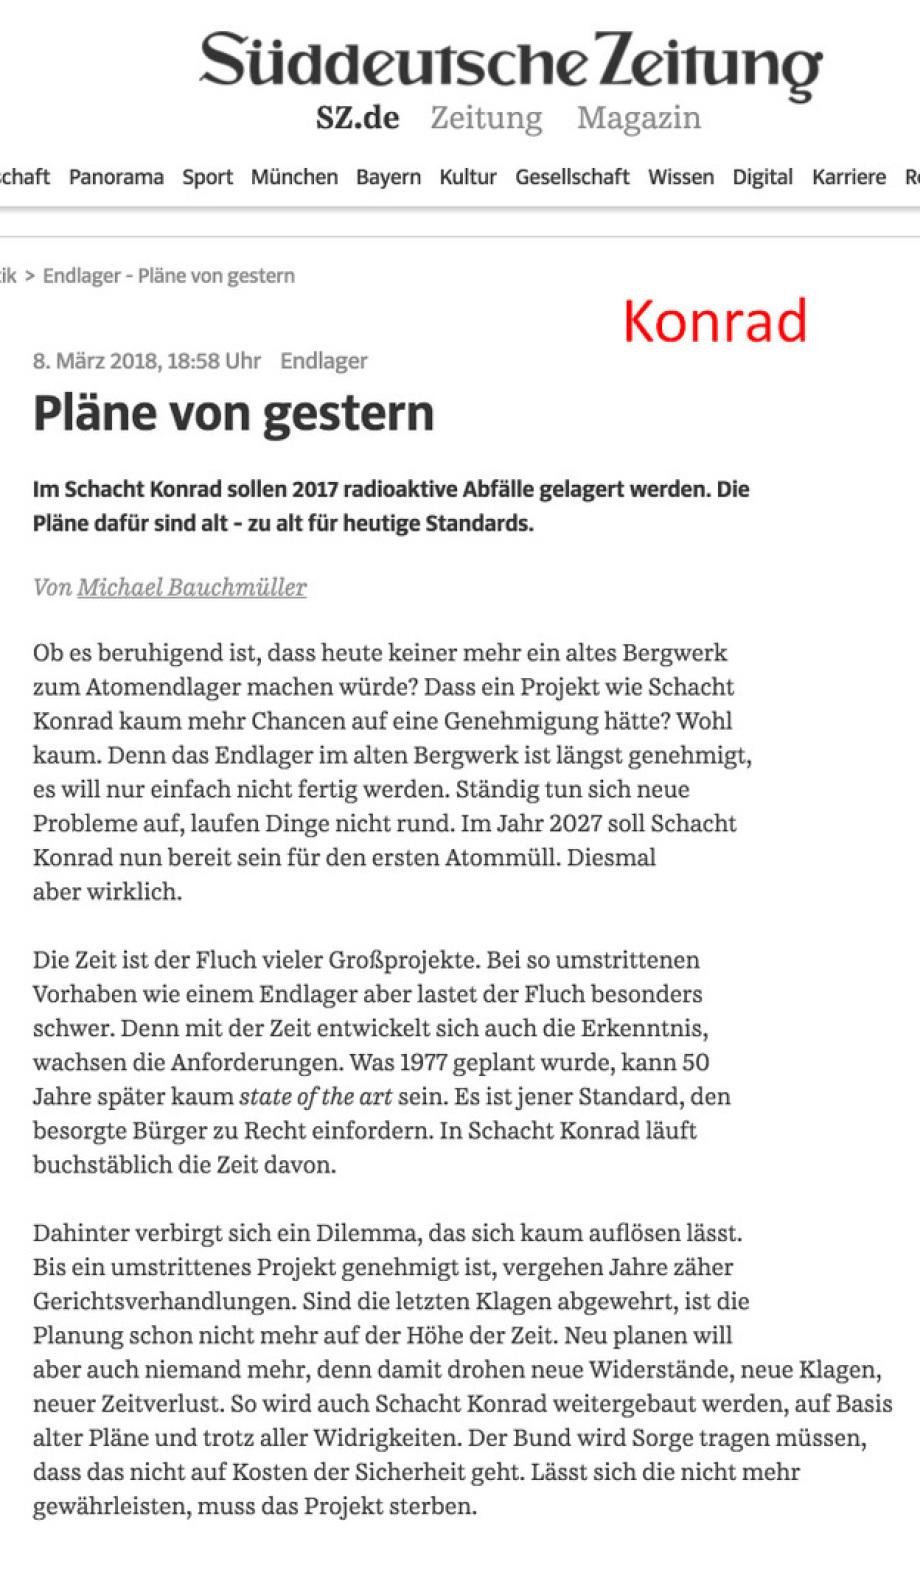 BGE GmbH Peine - Endlager Konrad - Pläne von vor 50 Jahren - Süddeutsche Zeitung